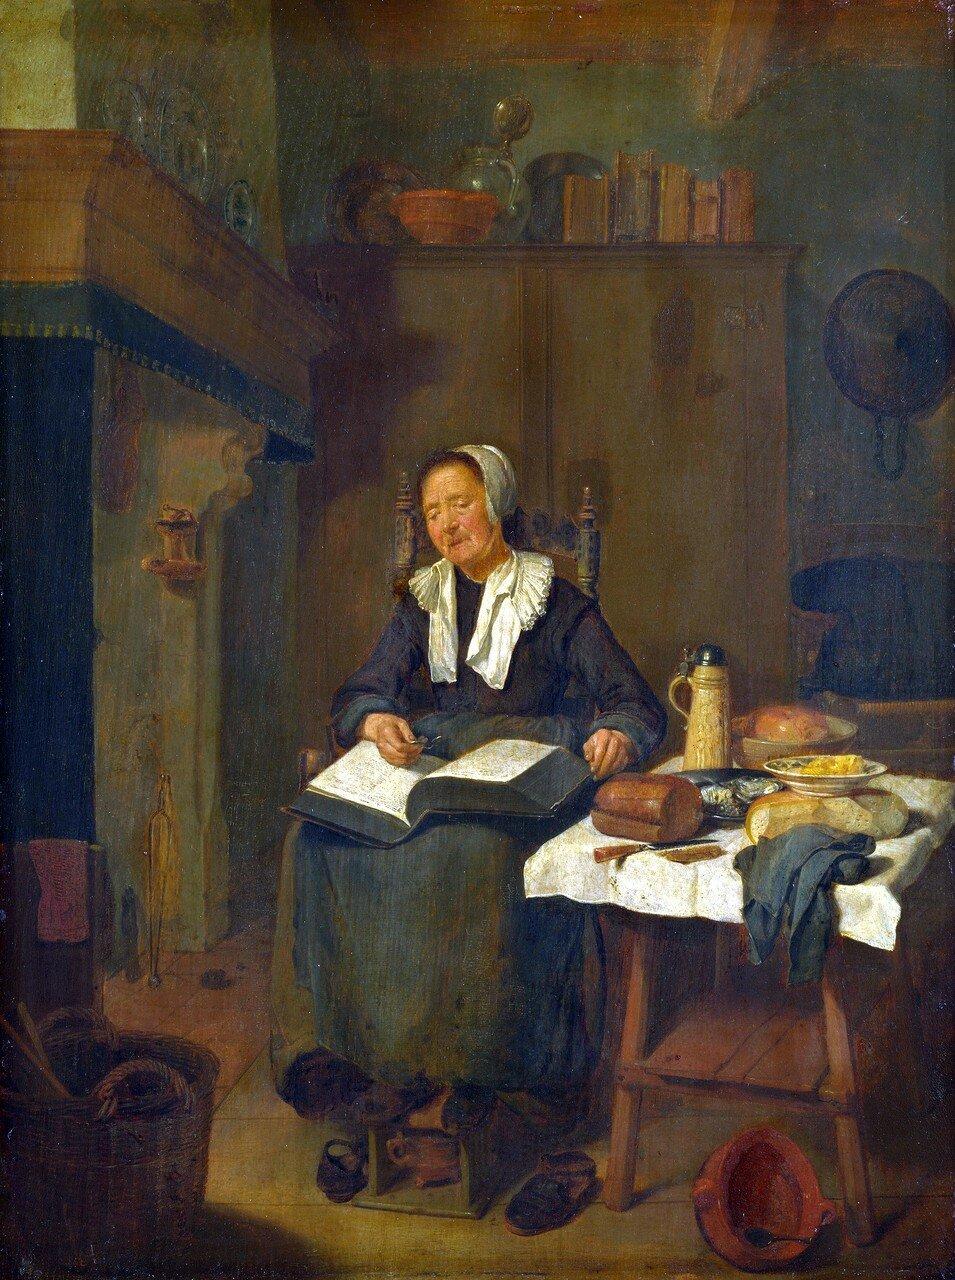 A Woman Asleep by a Fire